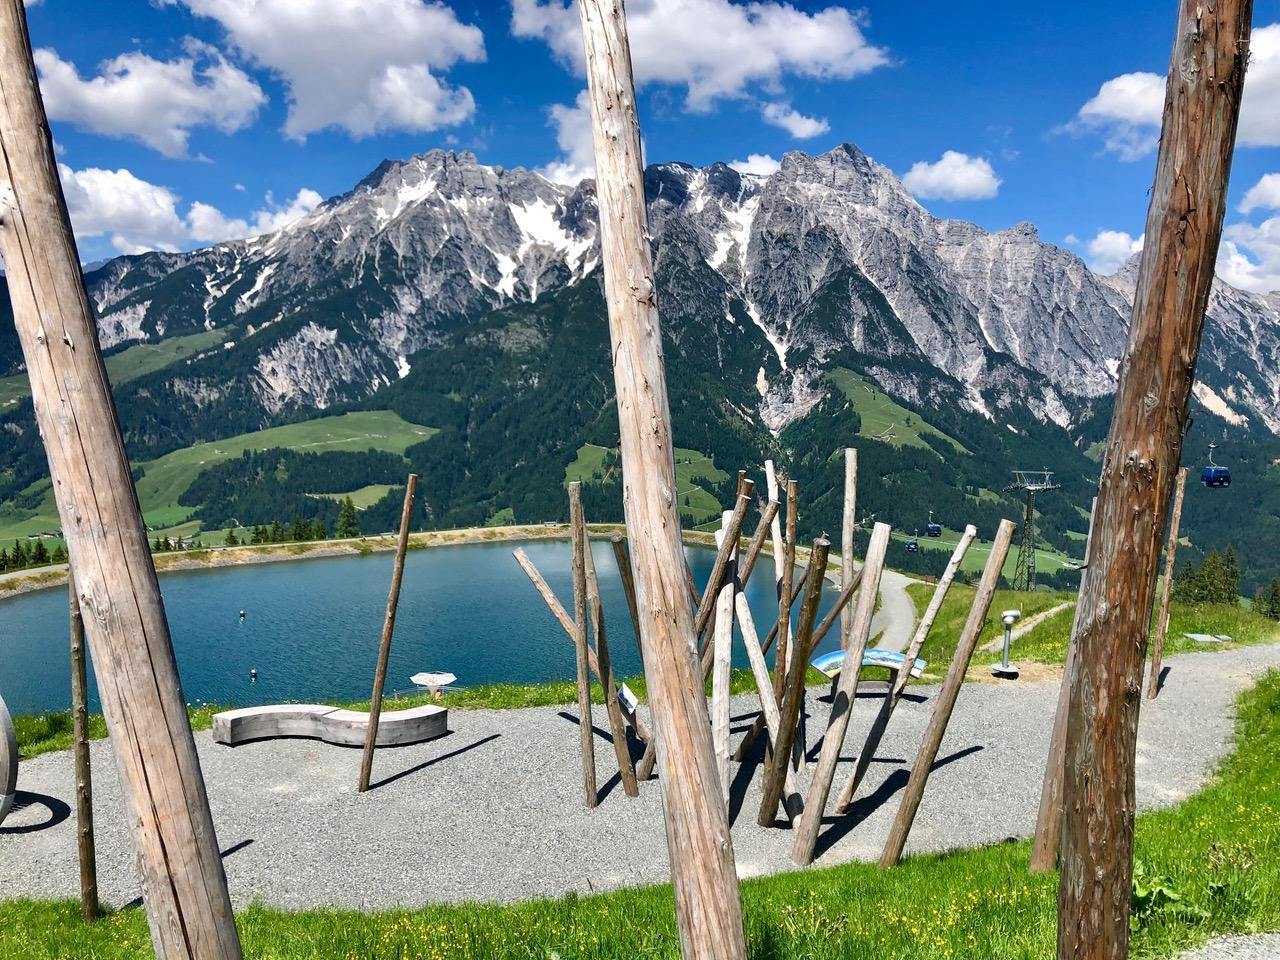 Stille Wasser am Asitz - der Speicherteich vor dem Panorama der Leoganger Steinberge